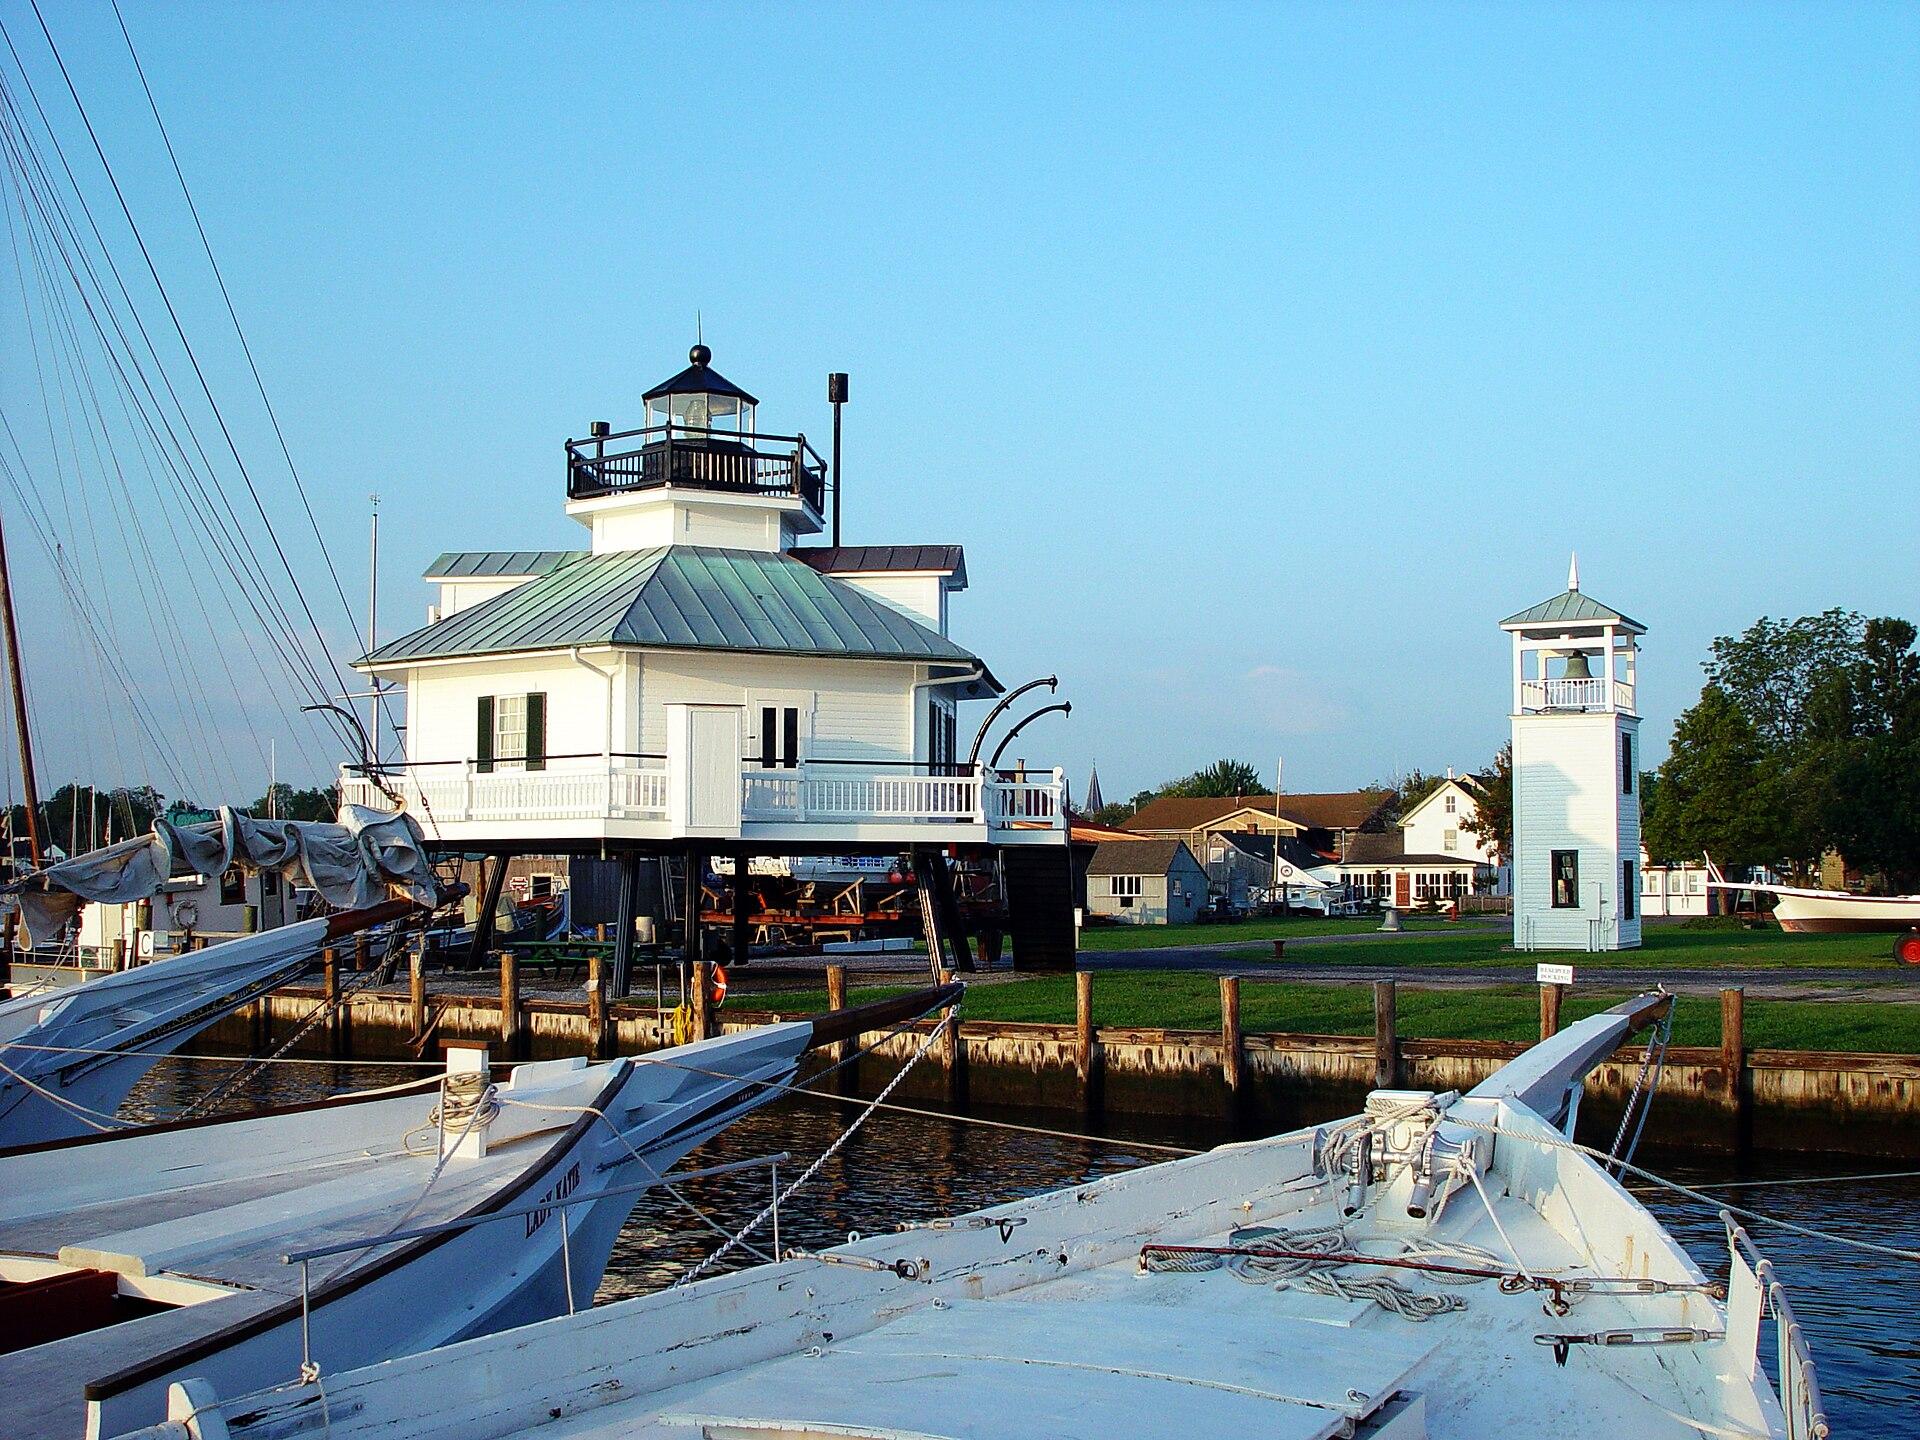 Chesapeake Bay Maritime Museum - Wikipedia